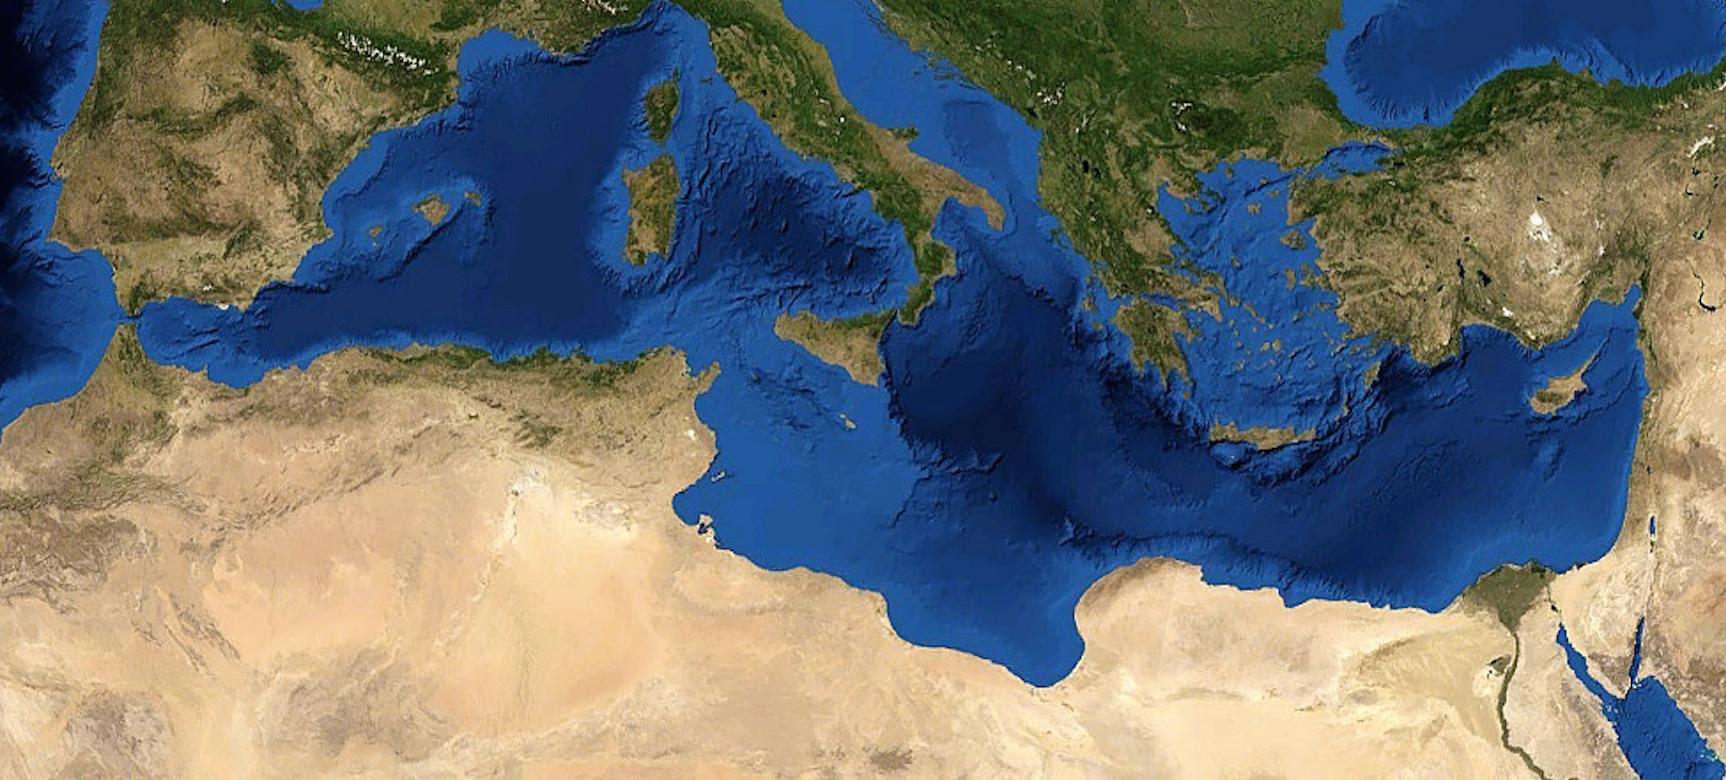 Pourquoi le Liban a-t-il rejoint l'Accord d'Agadir ?